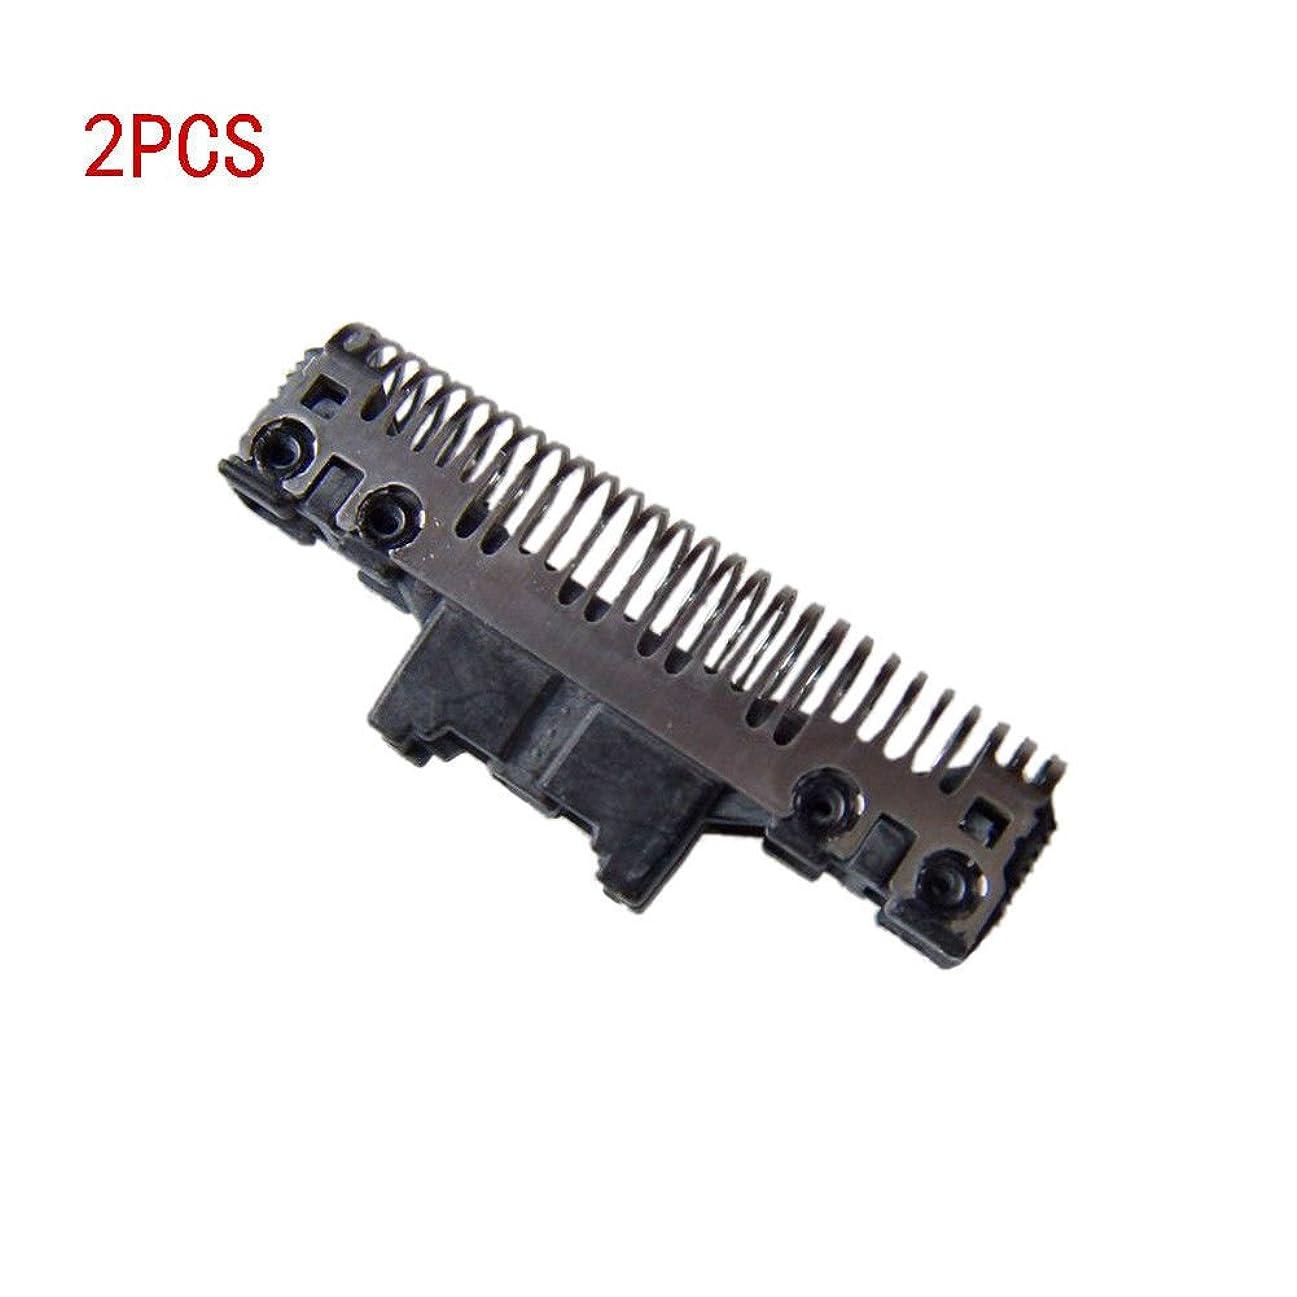 恐ろしいですペインティング証明Janjunsi 回転式シェーバー シェーバーパーツ シェーバー 交換用 替刃 内刃 耐用 for Panasonic ES9072/7021/7022/7023/7026/7027/7006/7007